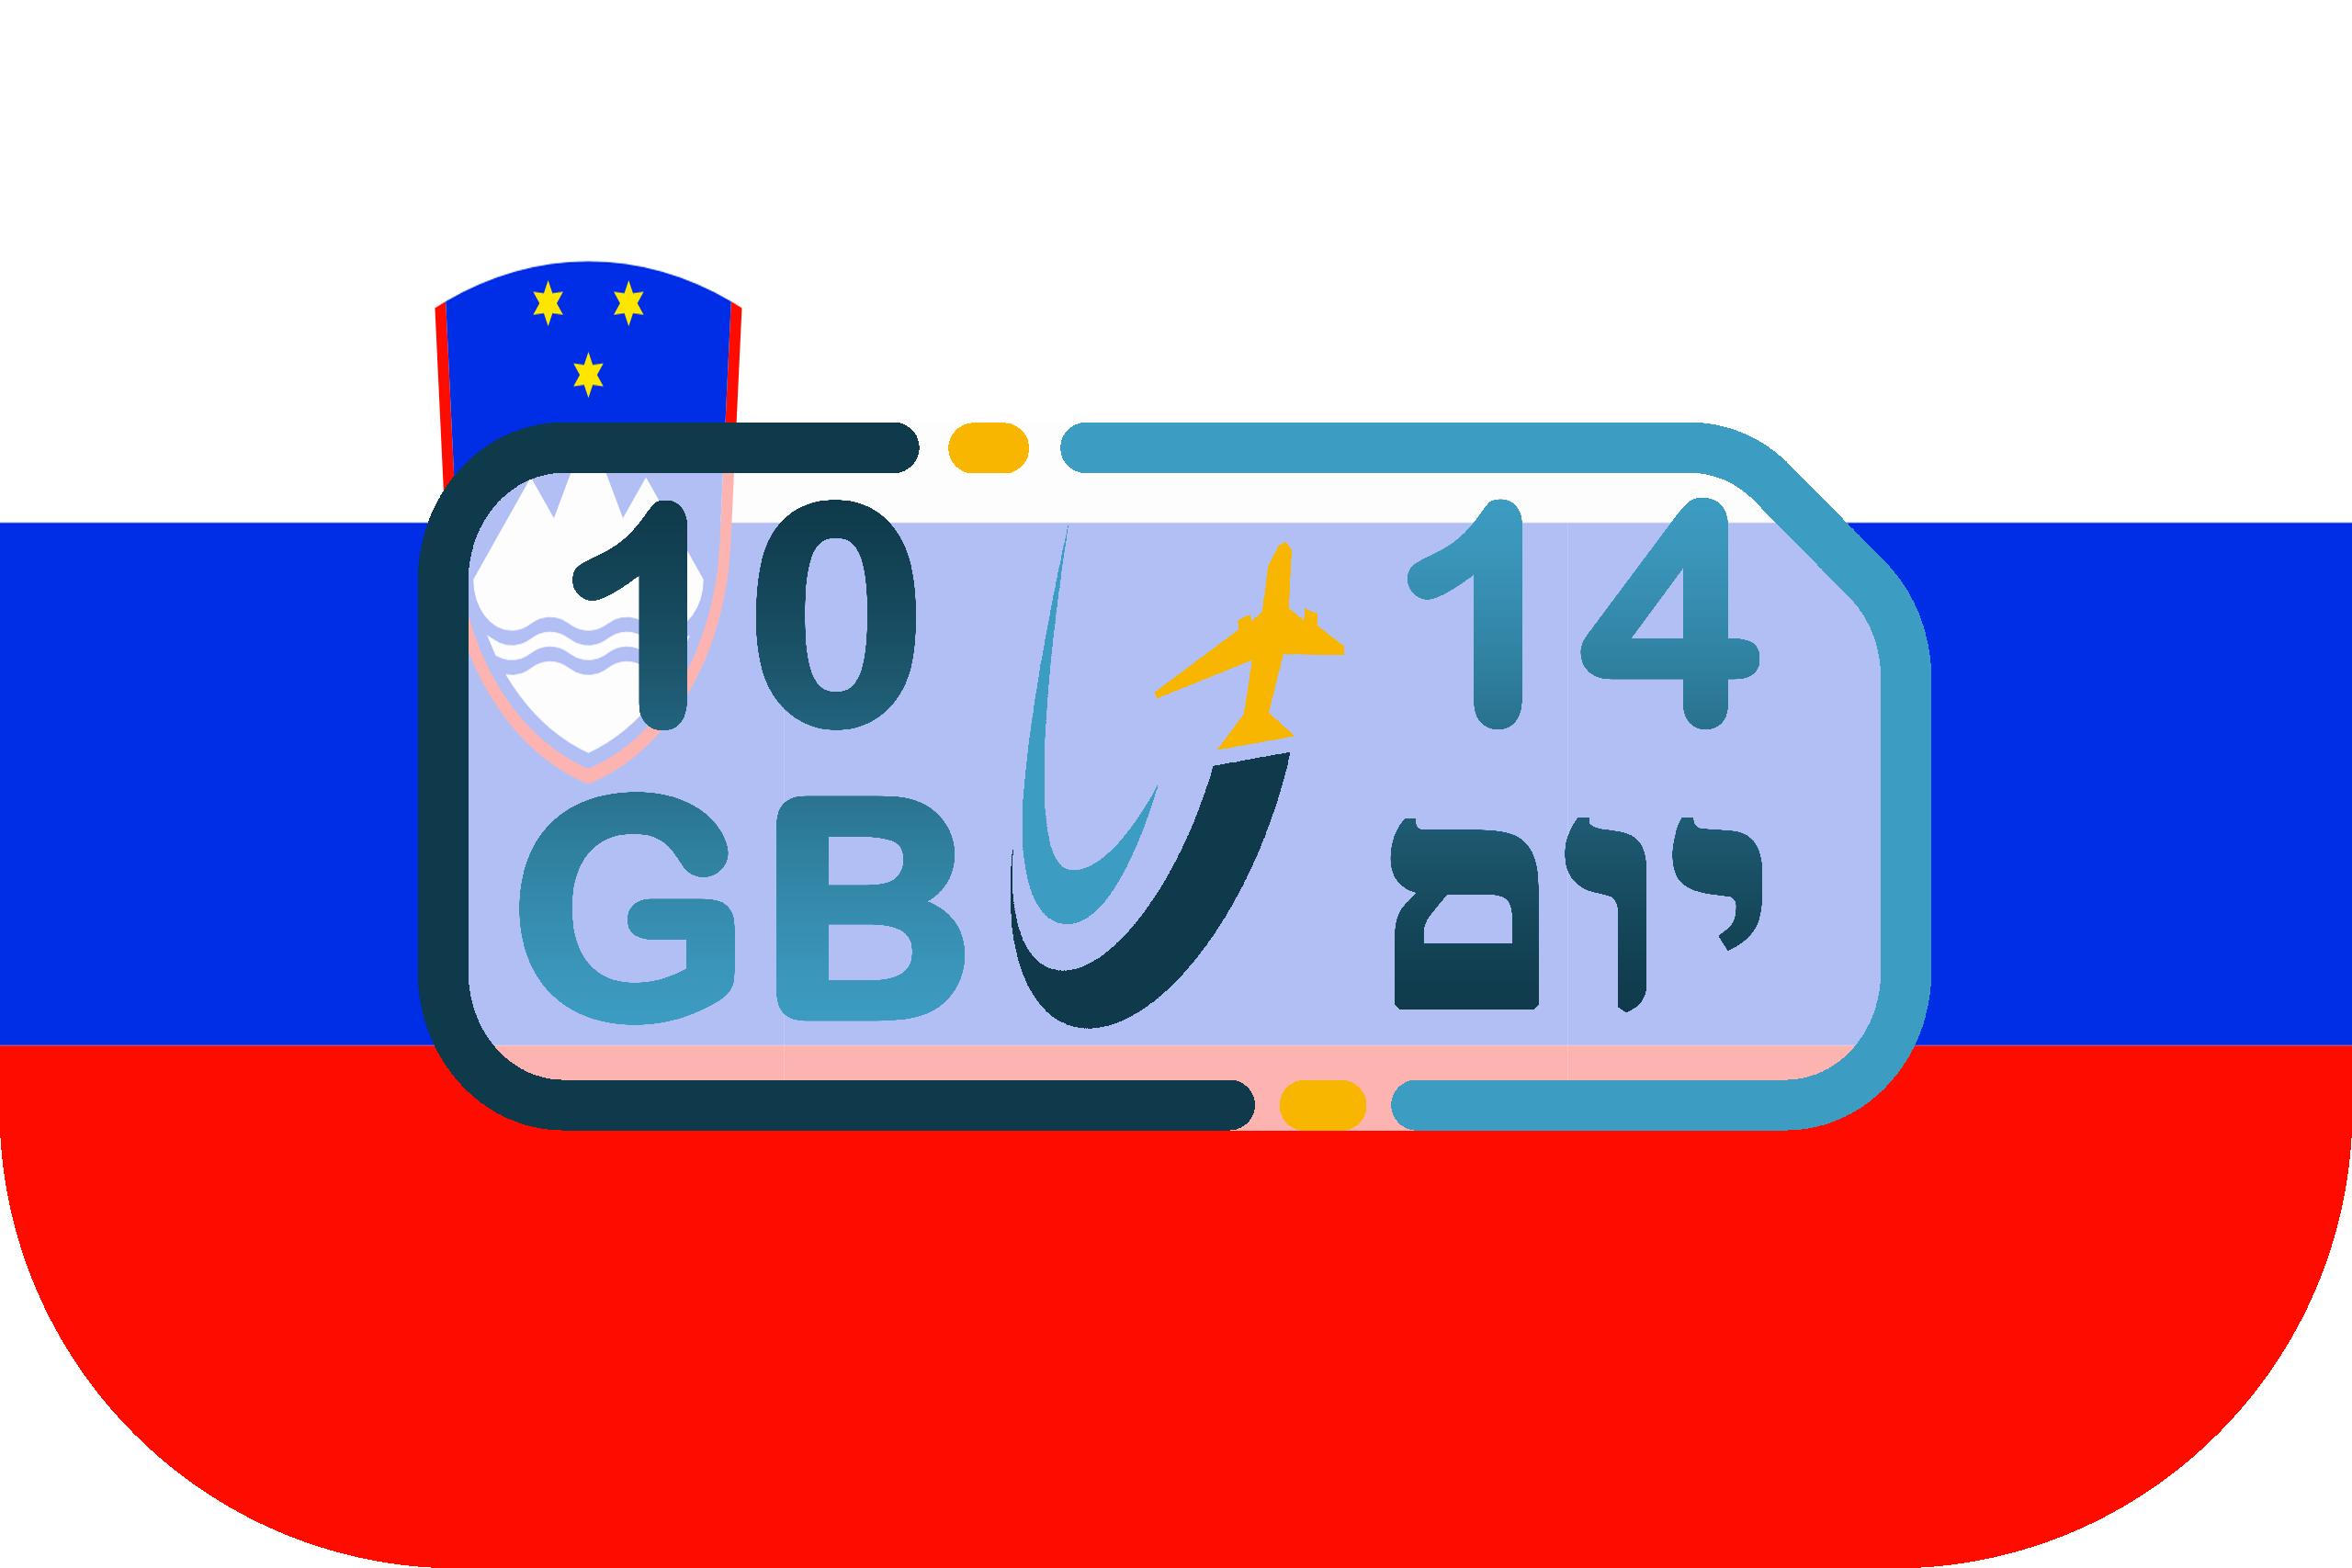 כרטיס סים בסלובניה – 10GB (בתוקף ל- 14 יום)